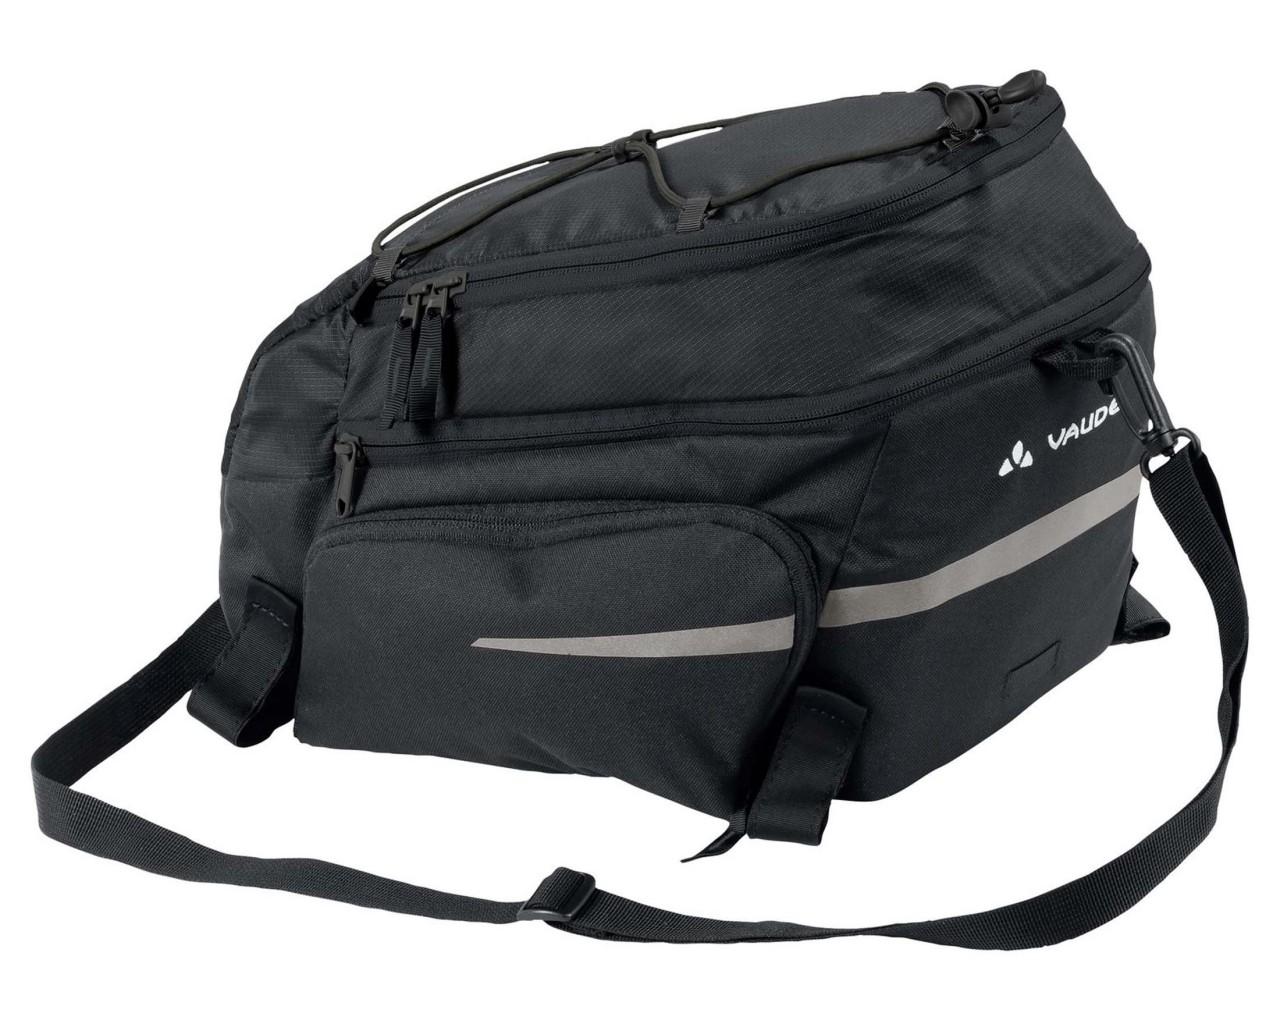 Vaude Silkroad Plus 9+7 liter Fahrrad Gepäckträgertasche   black